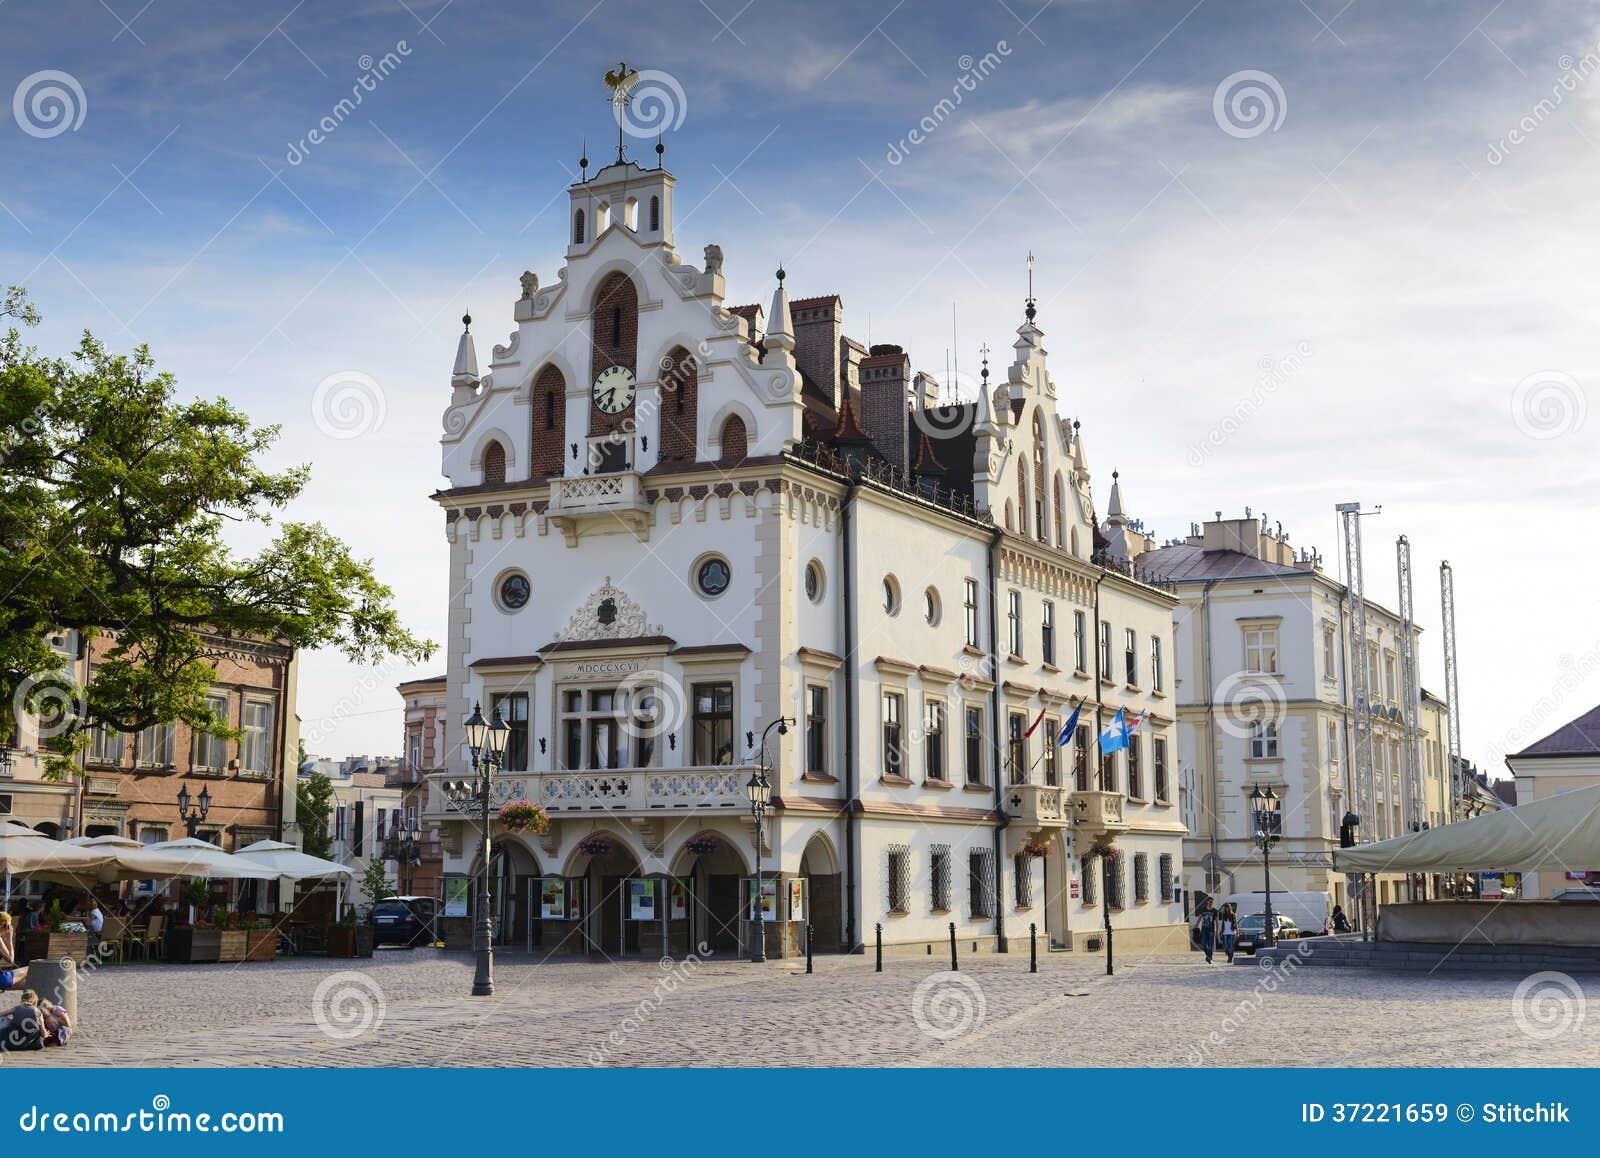 Rynek i urząd miasta w Rzeszowskim, Polska